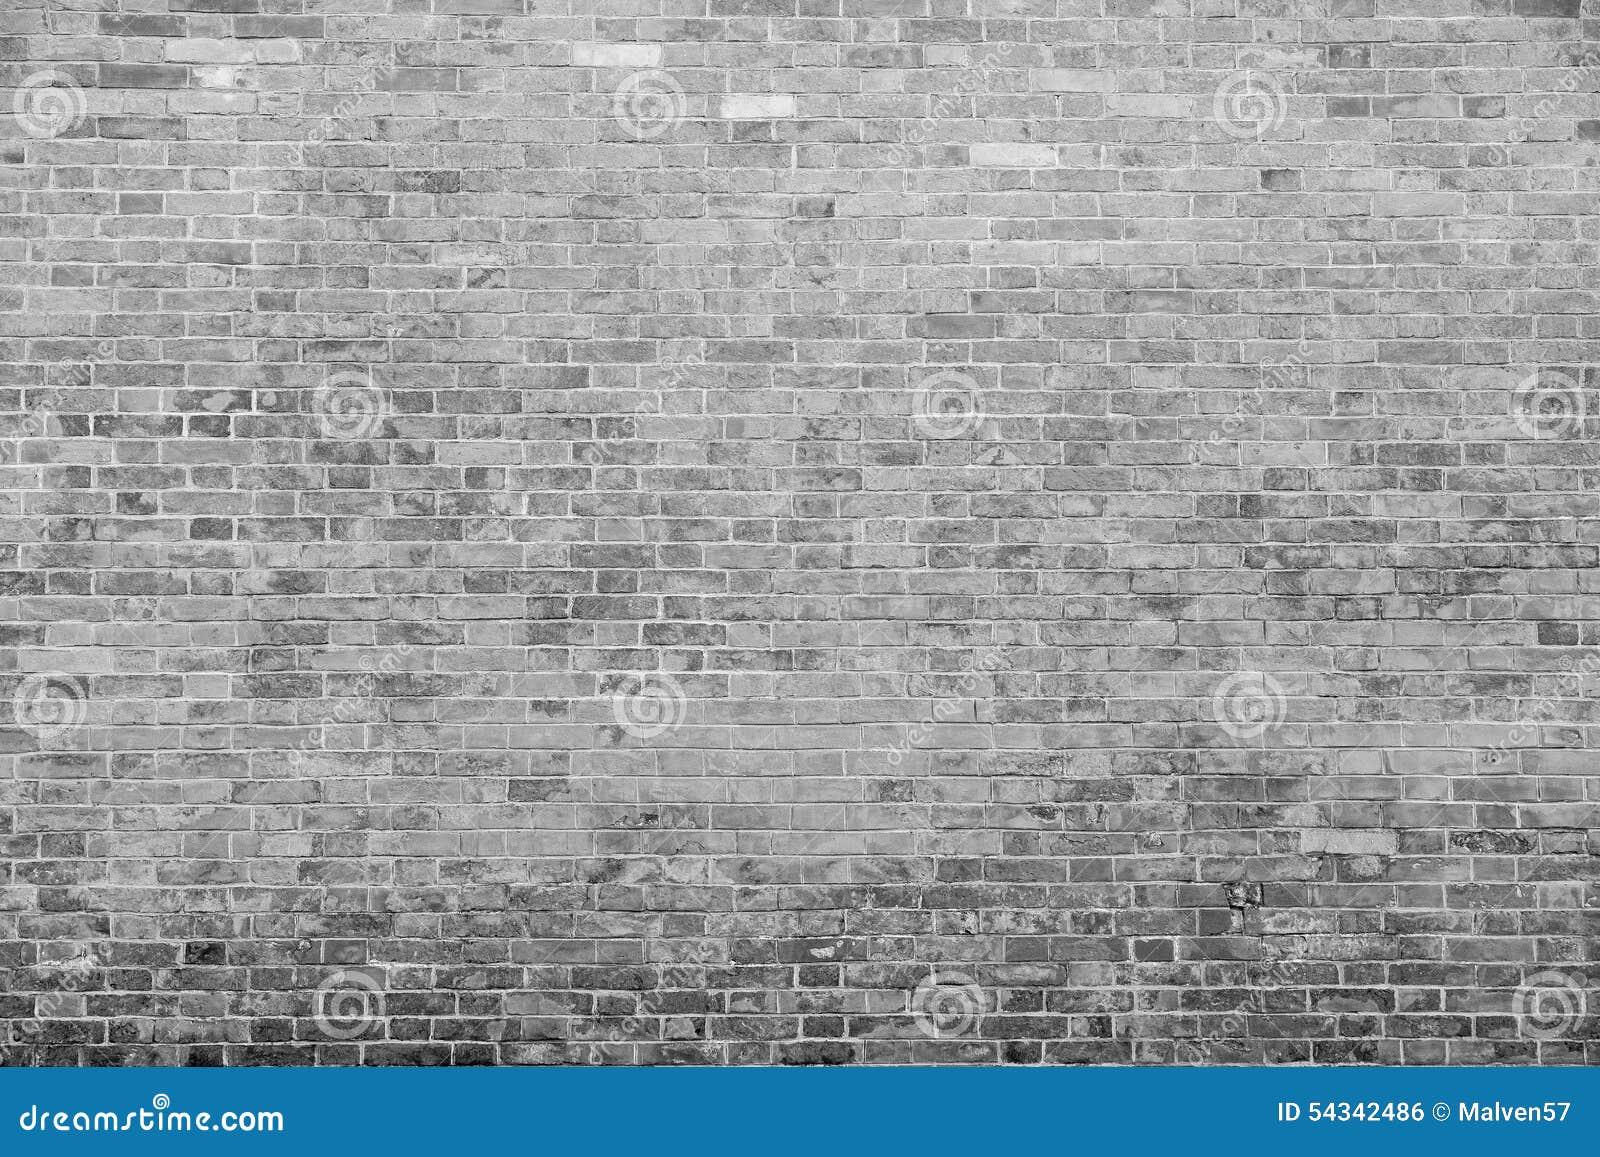 Einfach Steinwand Farbe ~ Alte steinwand von einem natürlichen ziegelstein der grauen farbe